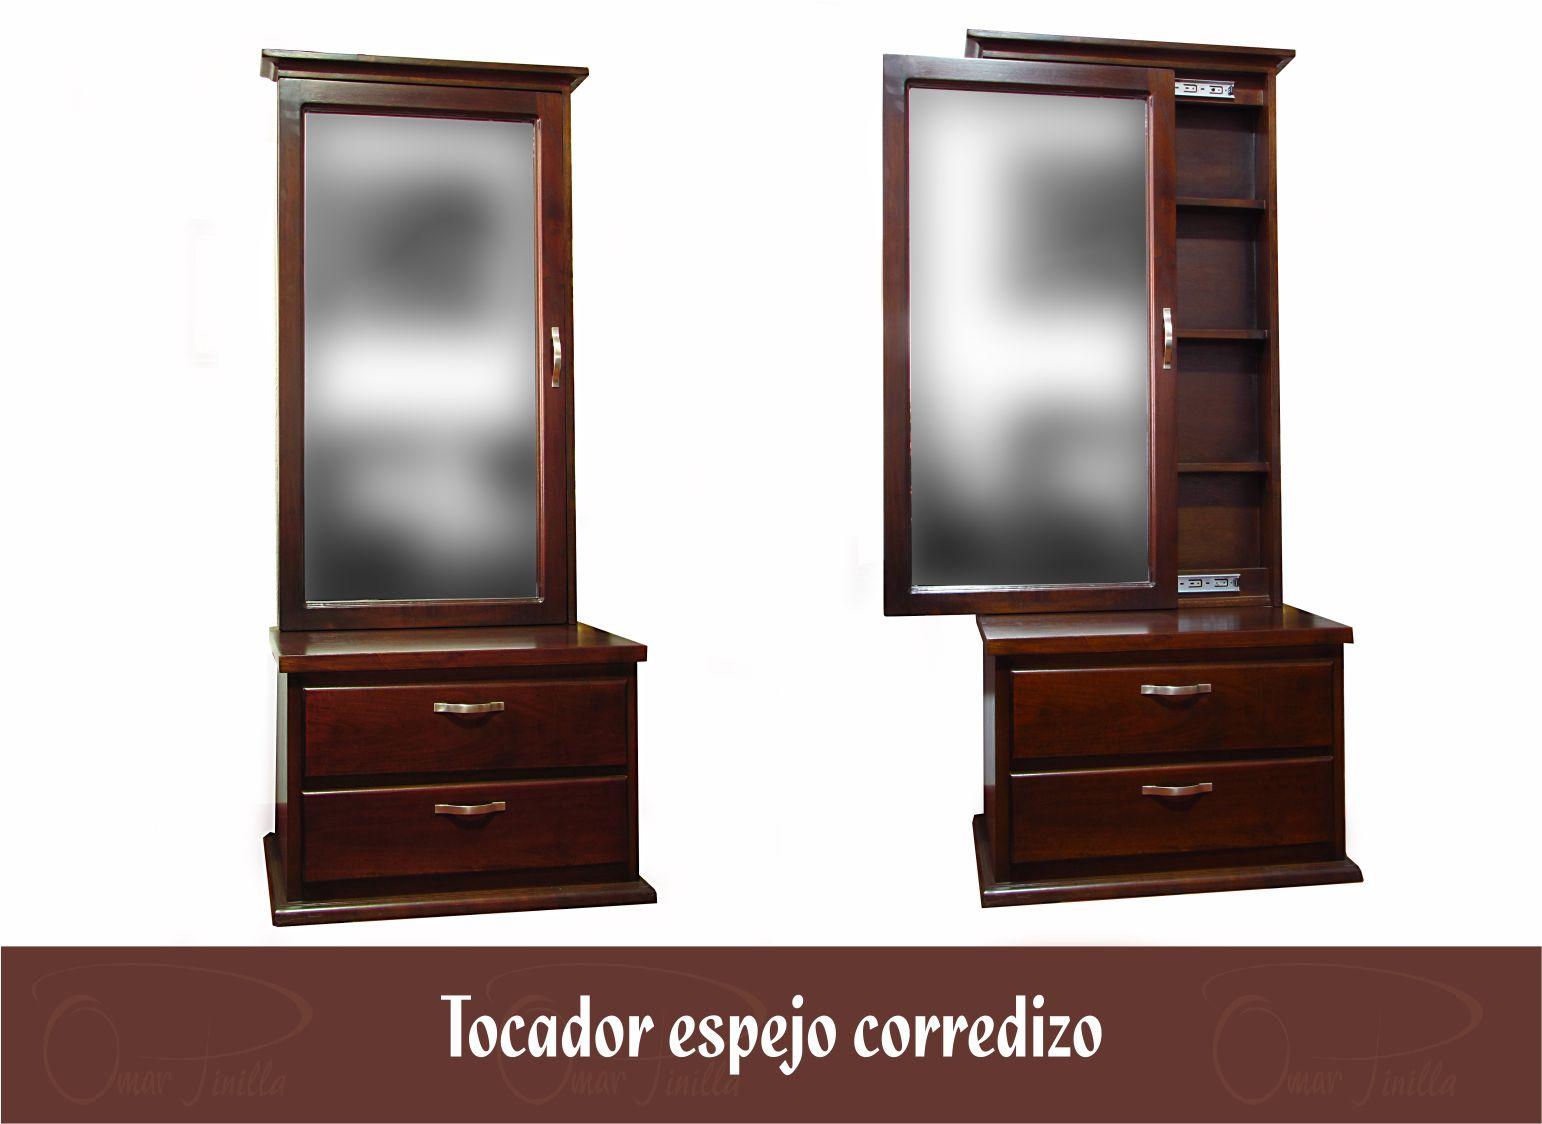 Excepcional espejo tocador muebles im genes muebles de - Espejo camerino ikea ...